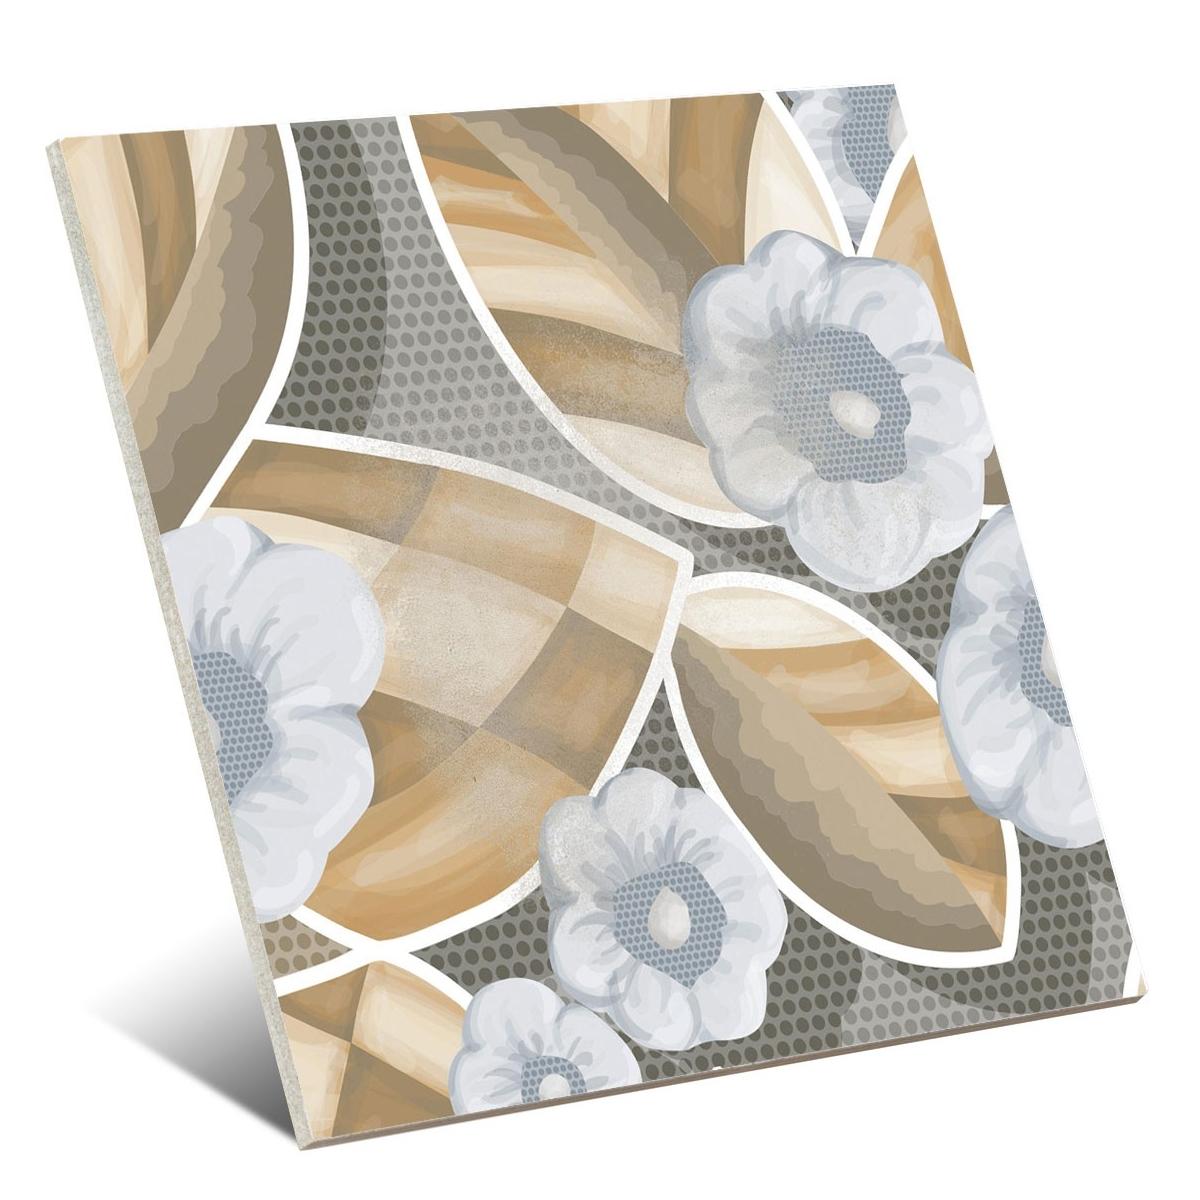 Flore Gris 20x20 - Pavimento hidráulico Porcelánico para interior y exterior